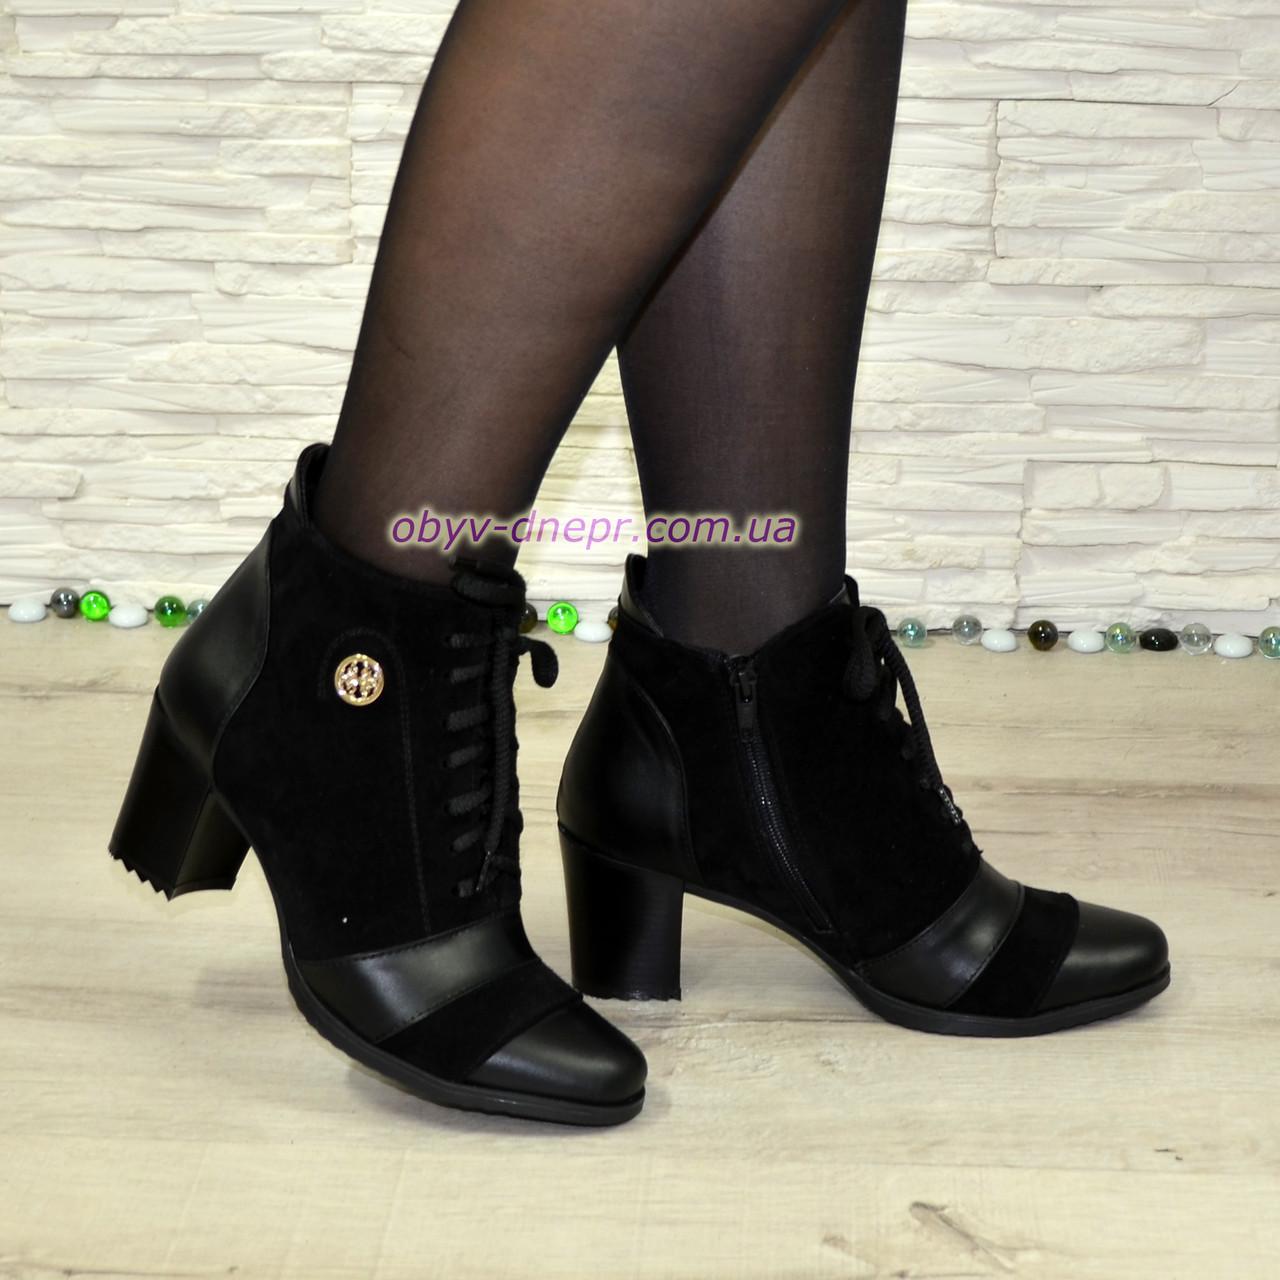 Женские   черные ботинки из натуральной замши и кожи, на шнуровке, устойчивый каблук